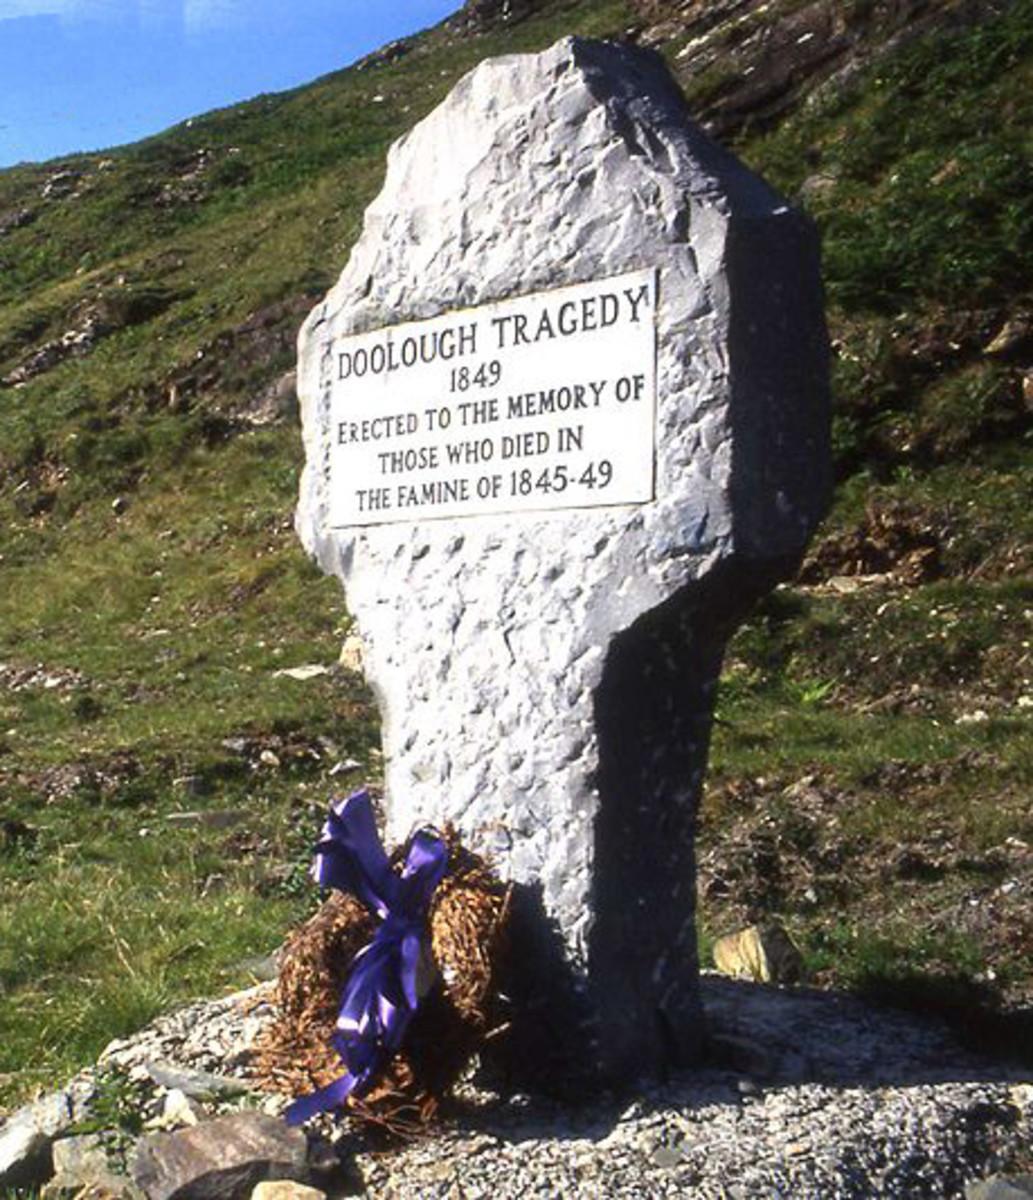 Doolough Tragedy Memorial